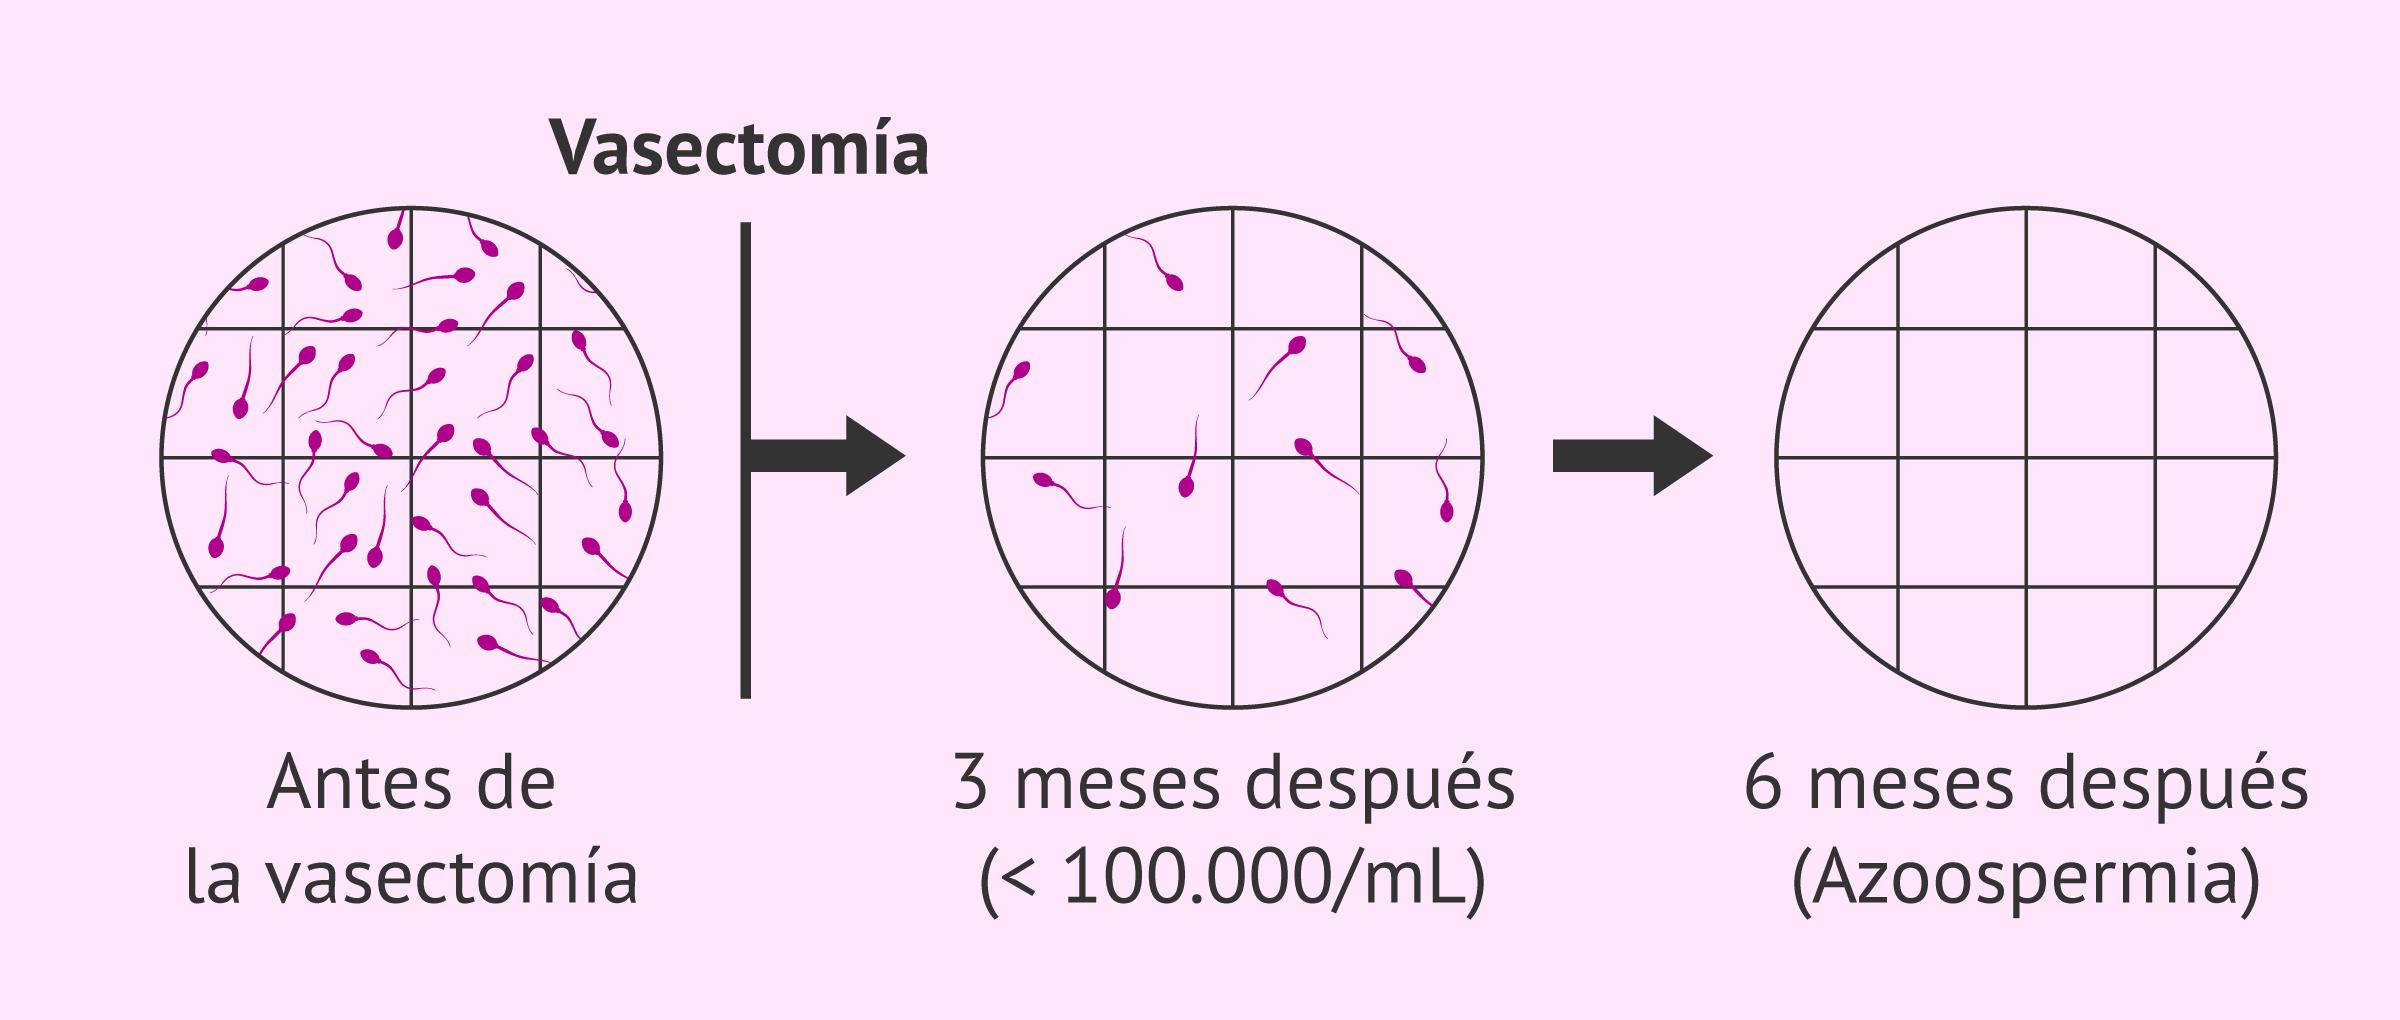 ¿Qué es la vasectomía y cómo se hace? - Posibilidad de embarazo